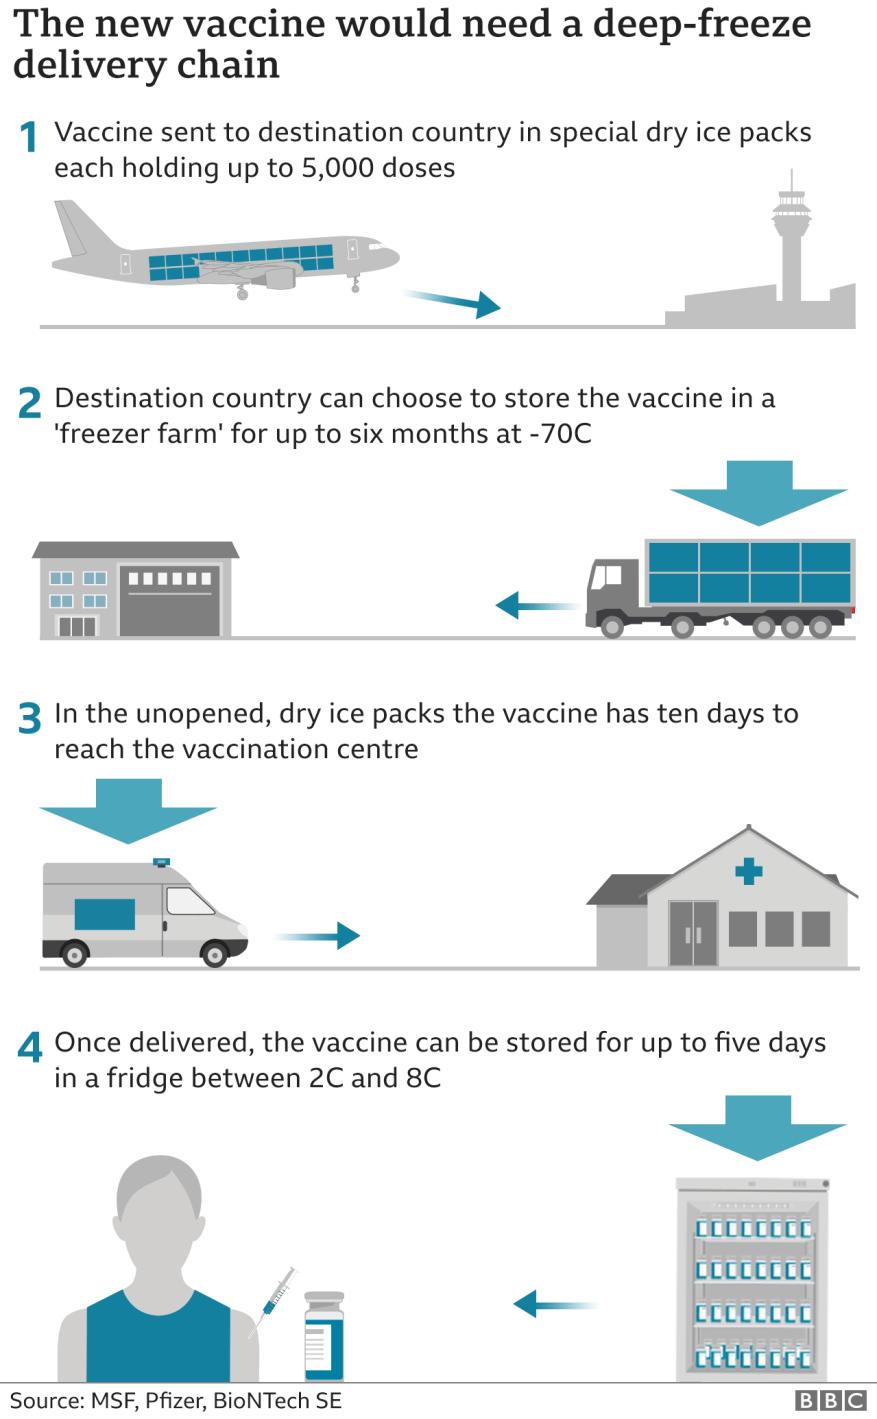 Grafik, die zeigt, wie die Kühlkette funktionieren würde, um den Impfstoff an lokale Impfzentren zu liefern.